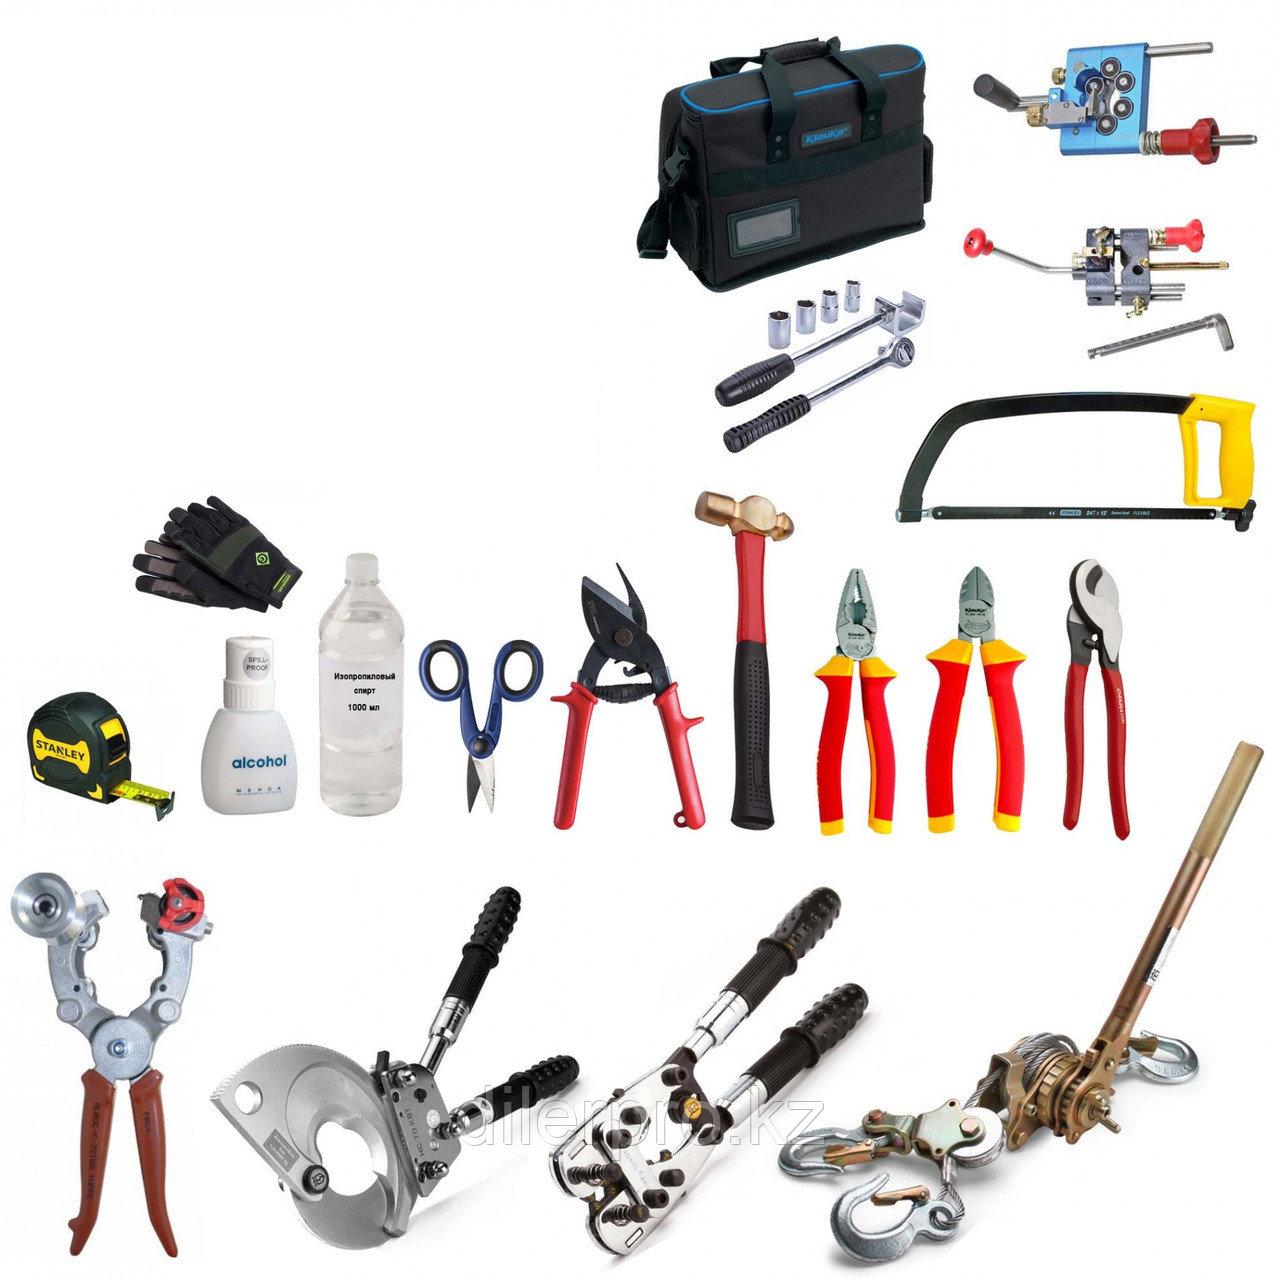 SK-TN-007-N2 - Набор инструментов для установки муфт холодной усадки на кабель с изоляцией СПЭ (без палатки